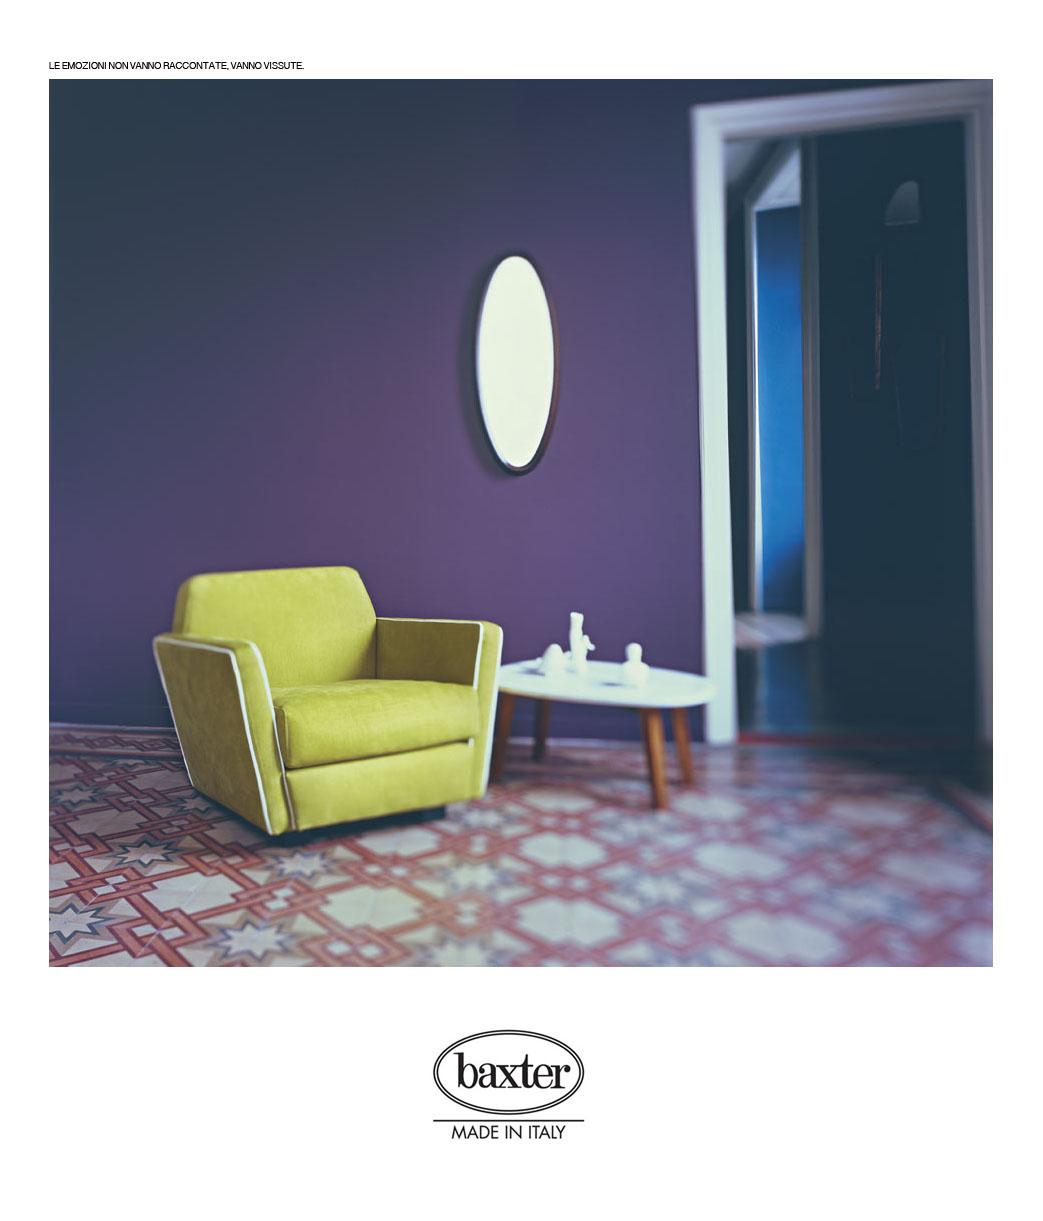 Baxter 2014 Campaign   Andrea Ferrari   Baxter   Numerique Retouch Photo Retouching Studio